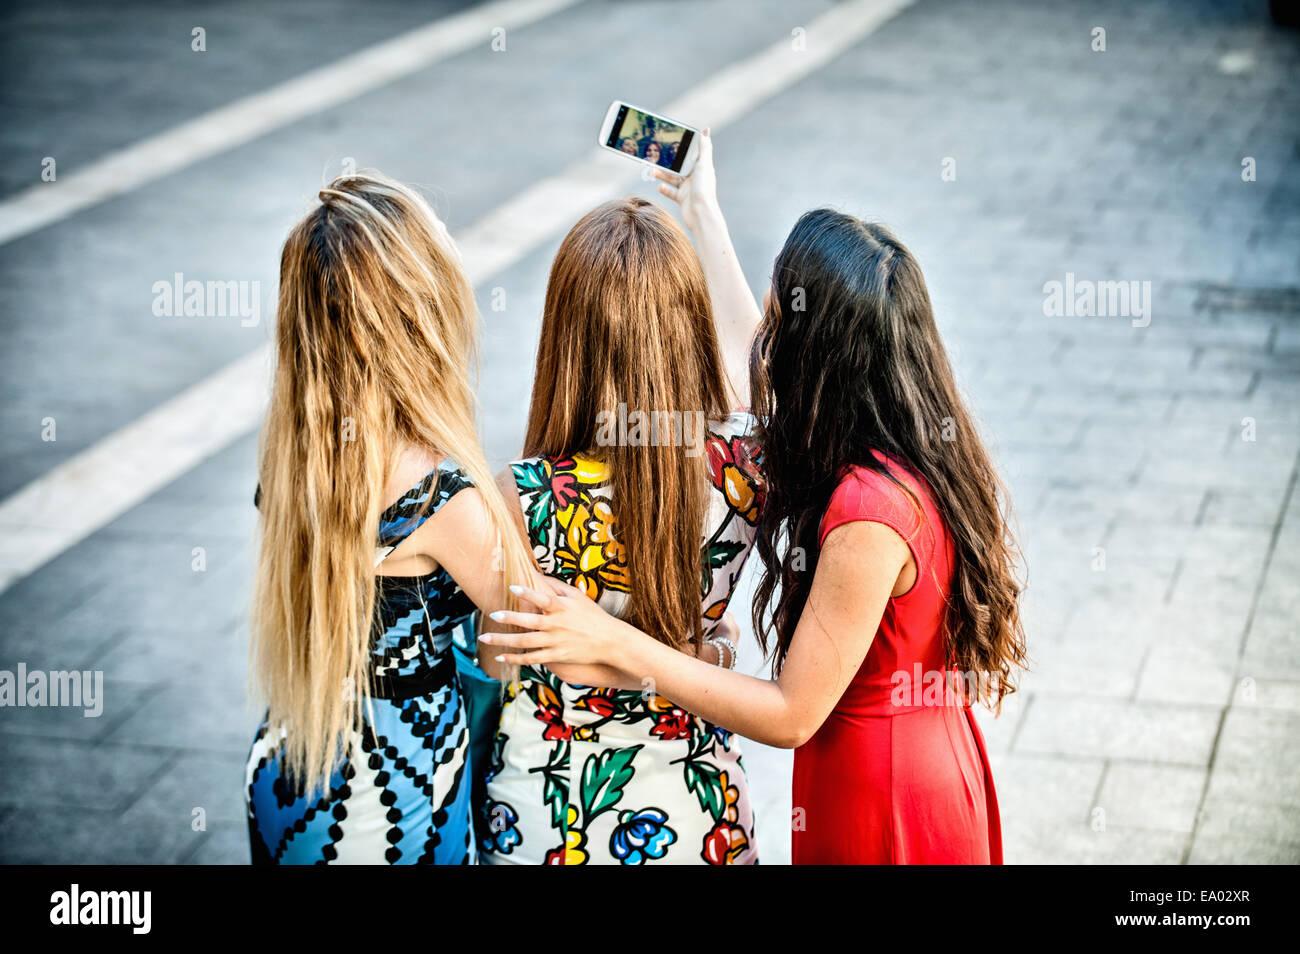 Vue arrière de trois jeunes femmes prenant avec selfies smartphone, Cagliari, Sardaigne, Italie Photo Stock